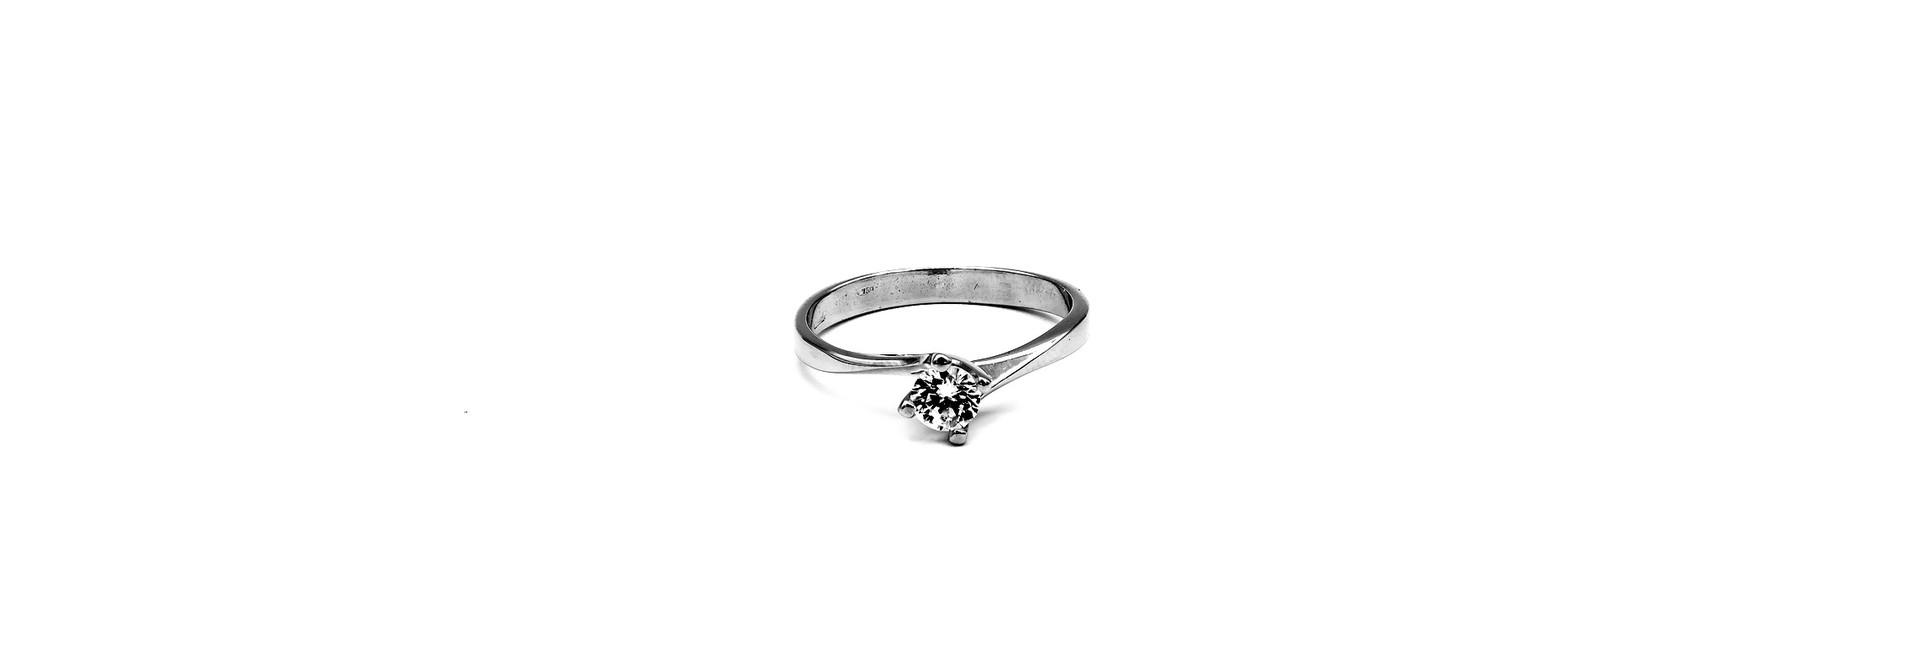 Ring verloving witgoud